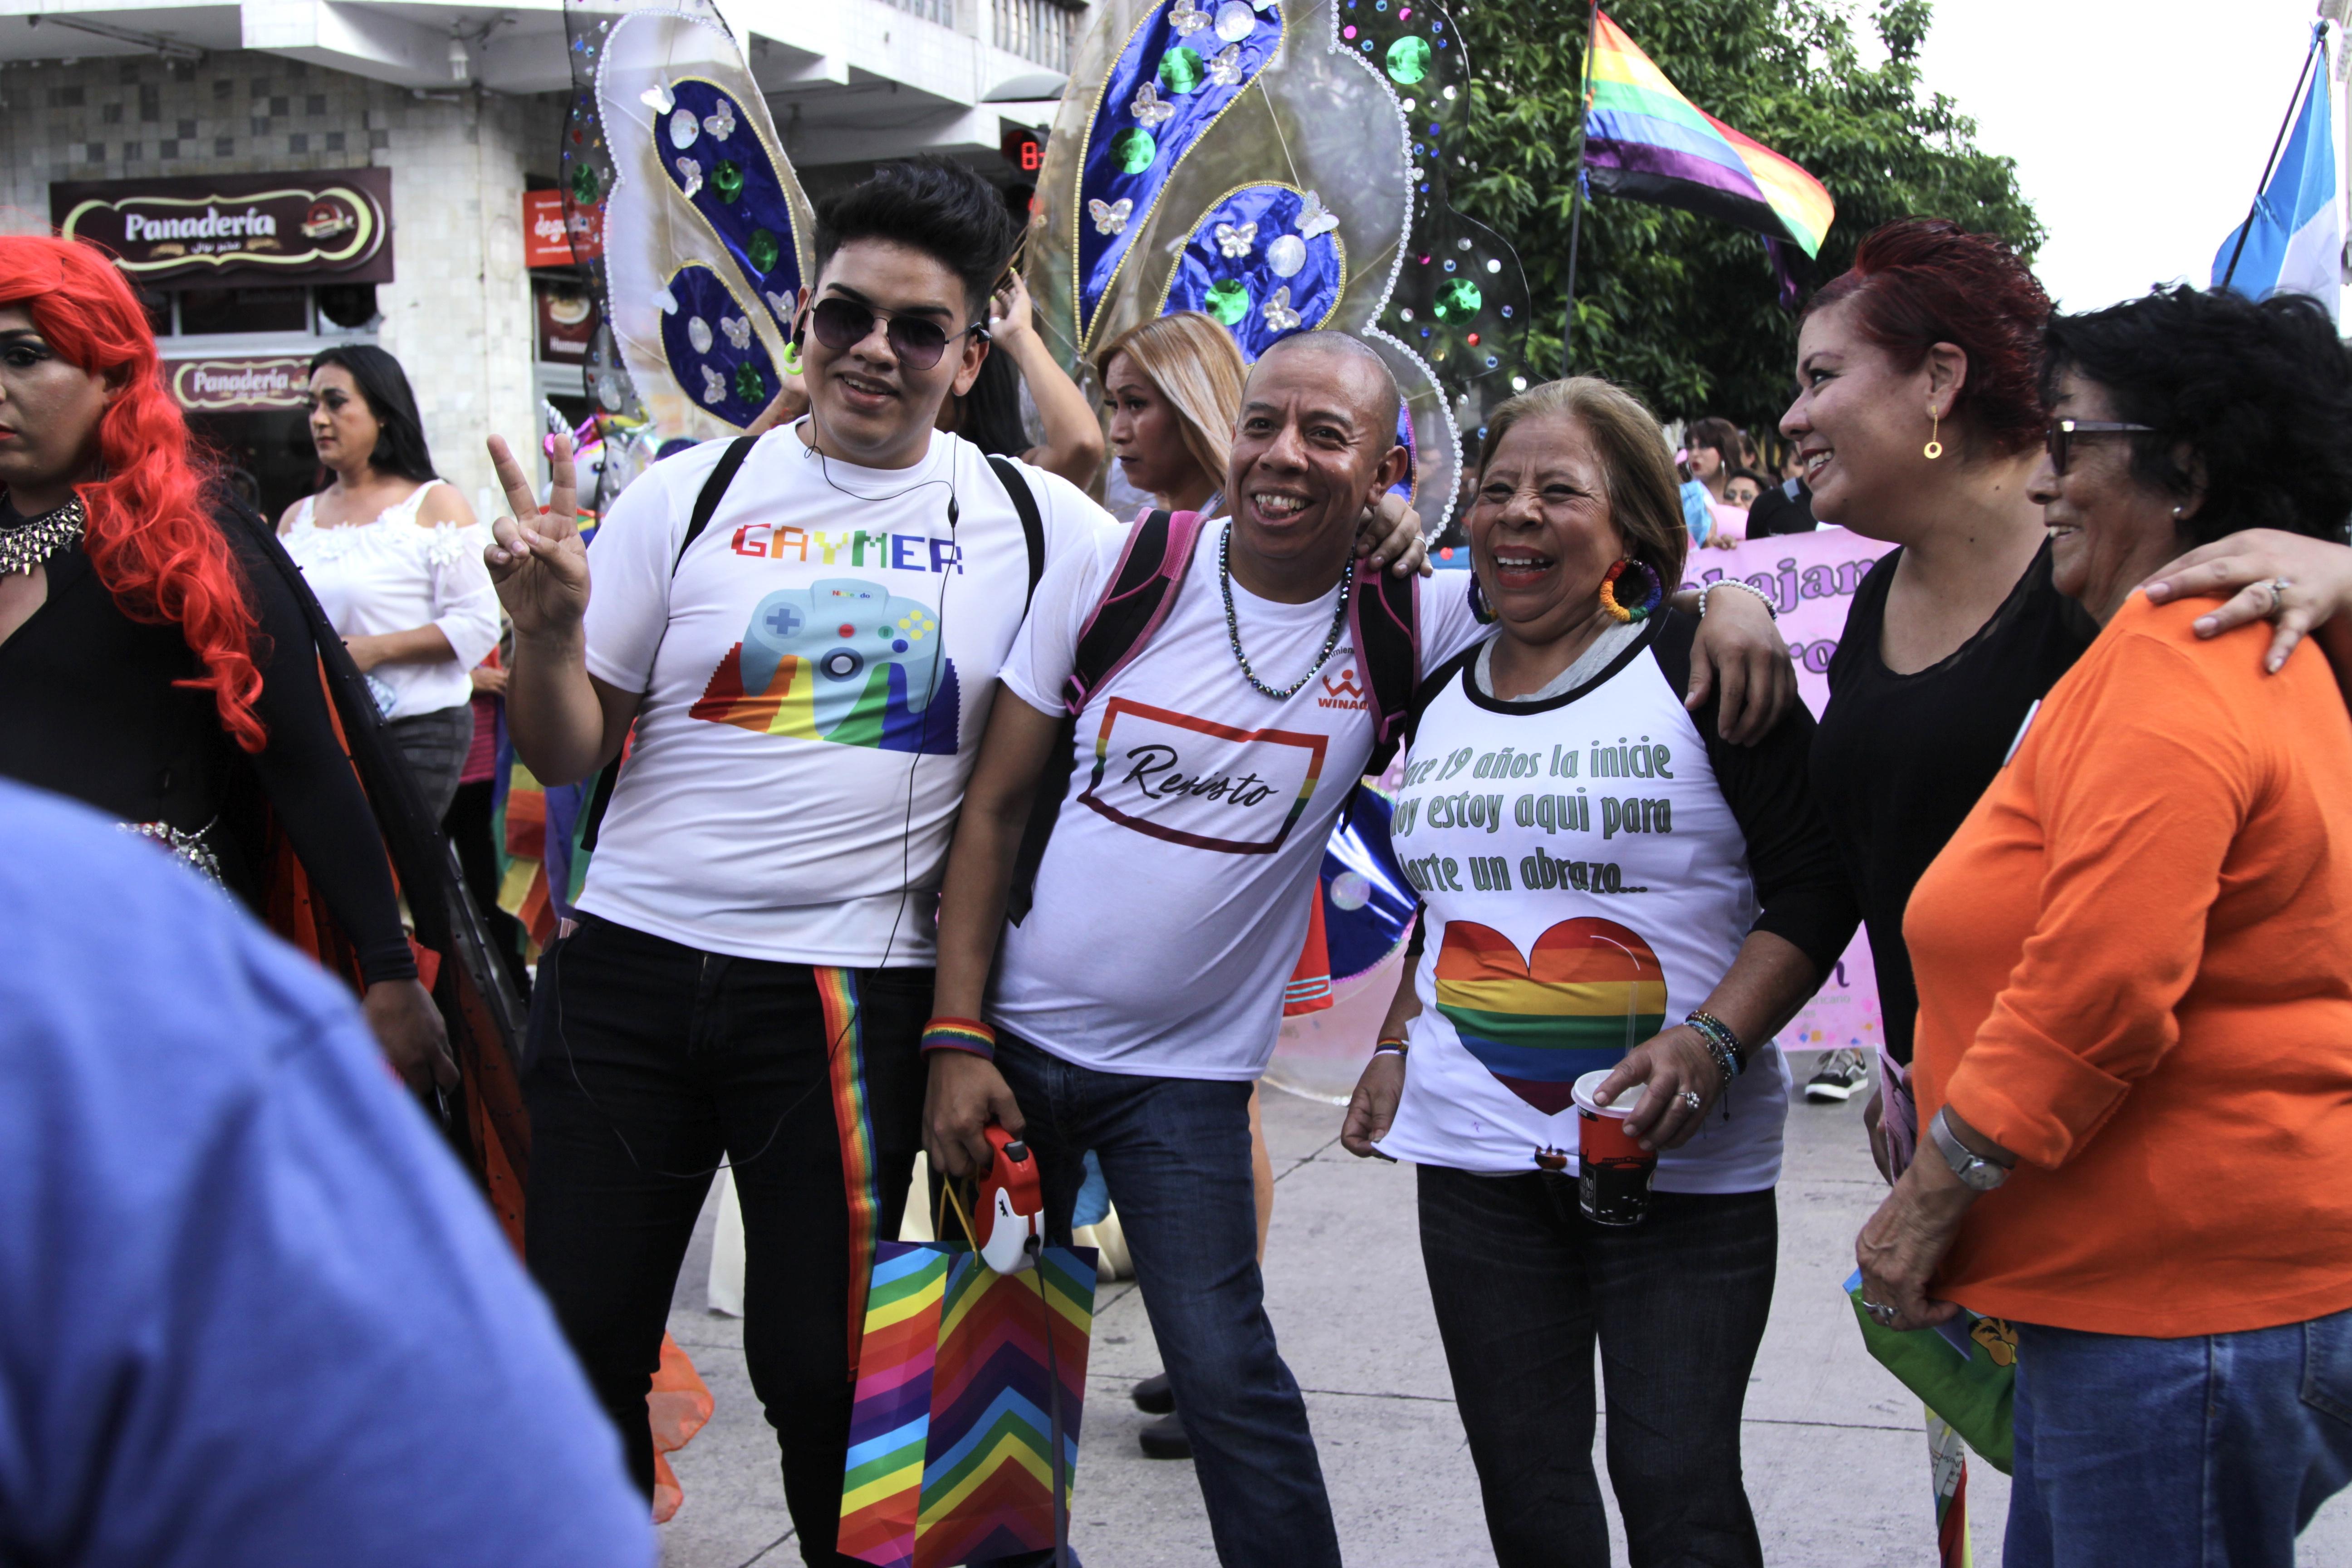 Simpatizantes de Aldo Dávila detienen su paso para tomarse fotografías con él y su mamá. Foto: Lucía Reinoso